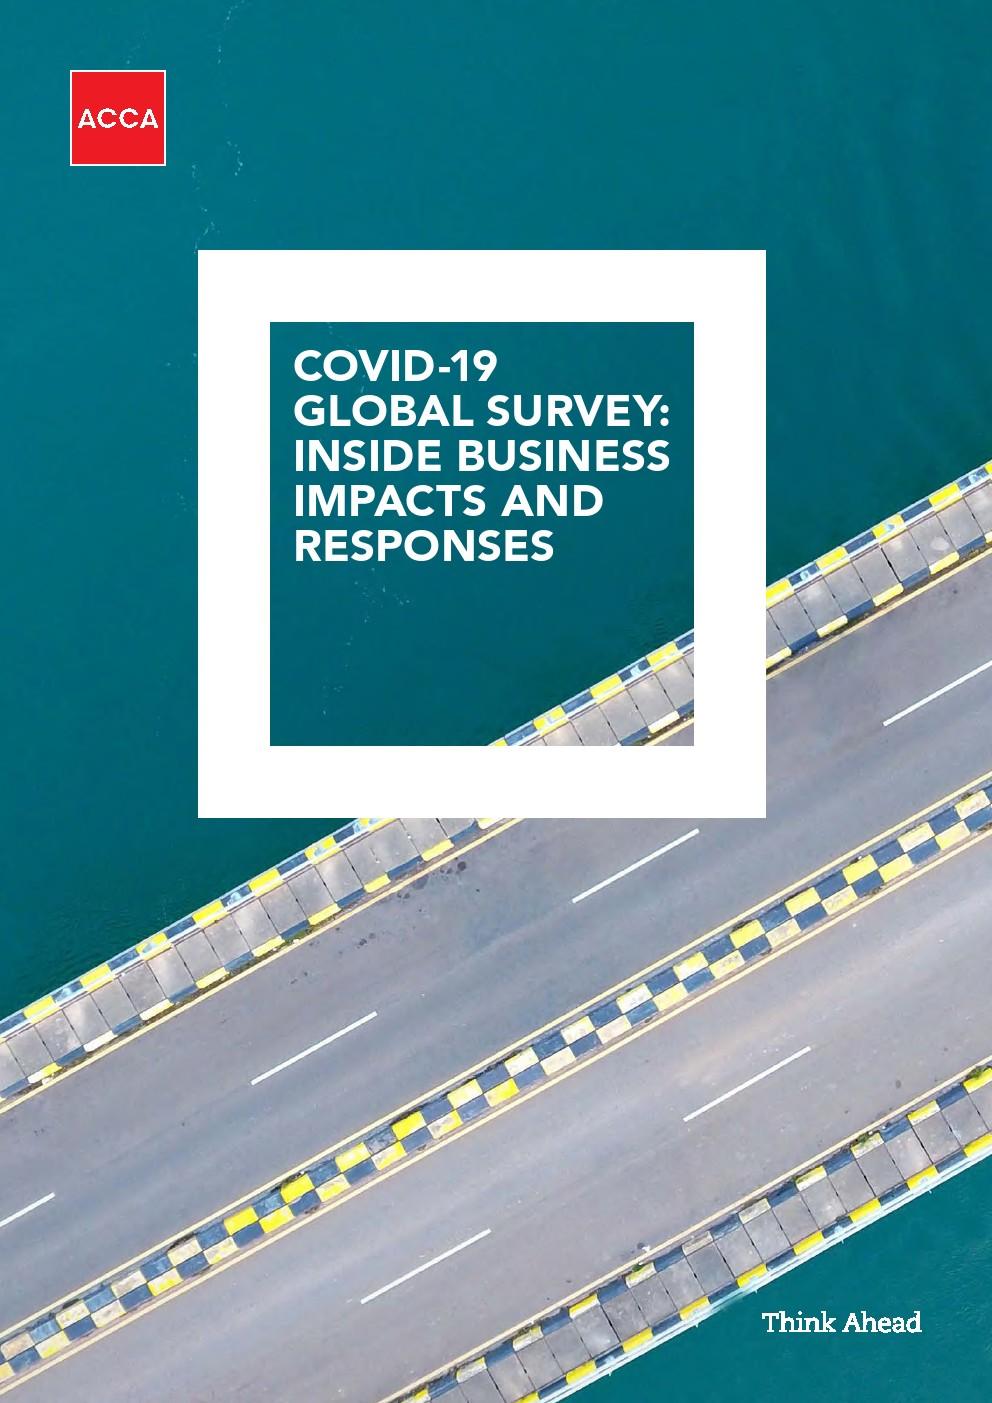 COVID-19全球调查报告:对内部业务的影响